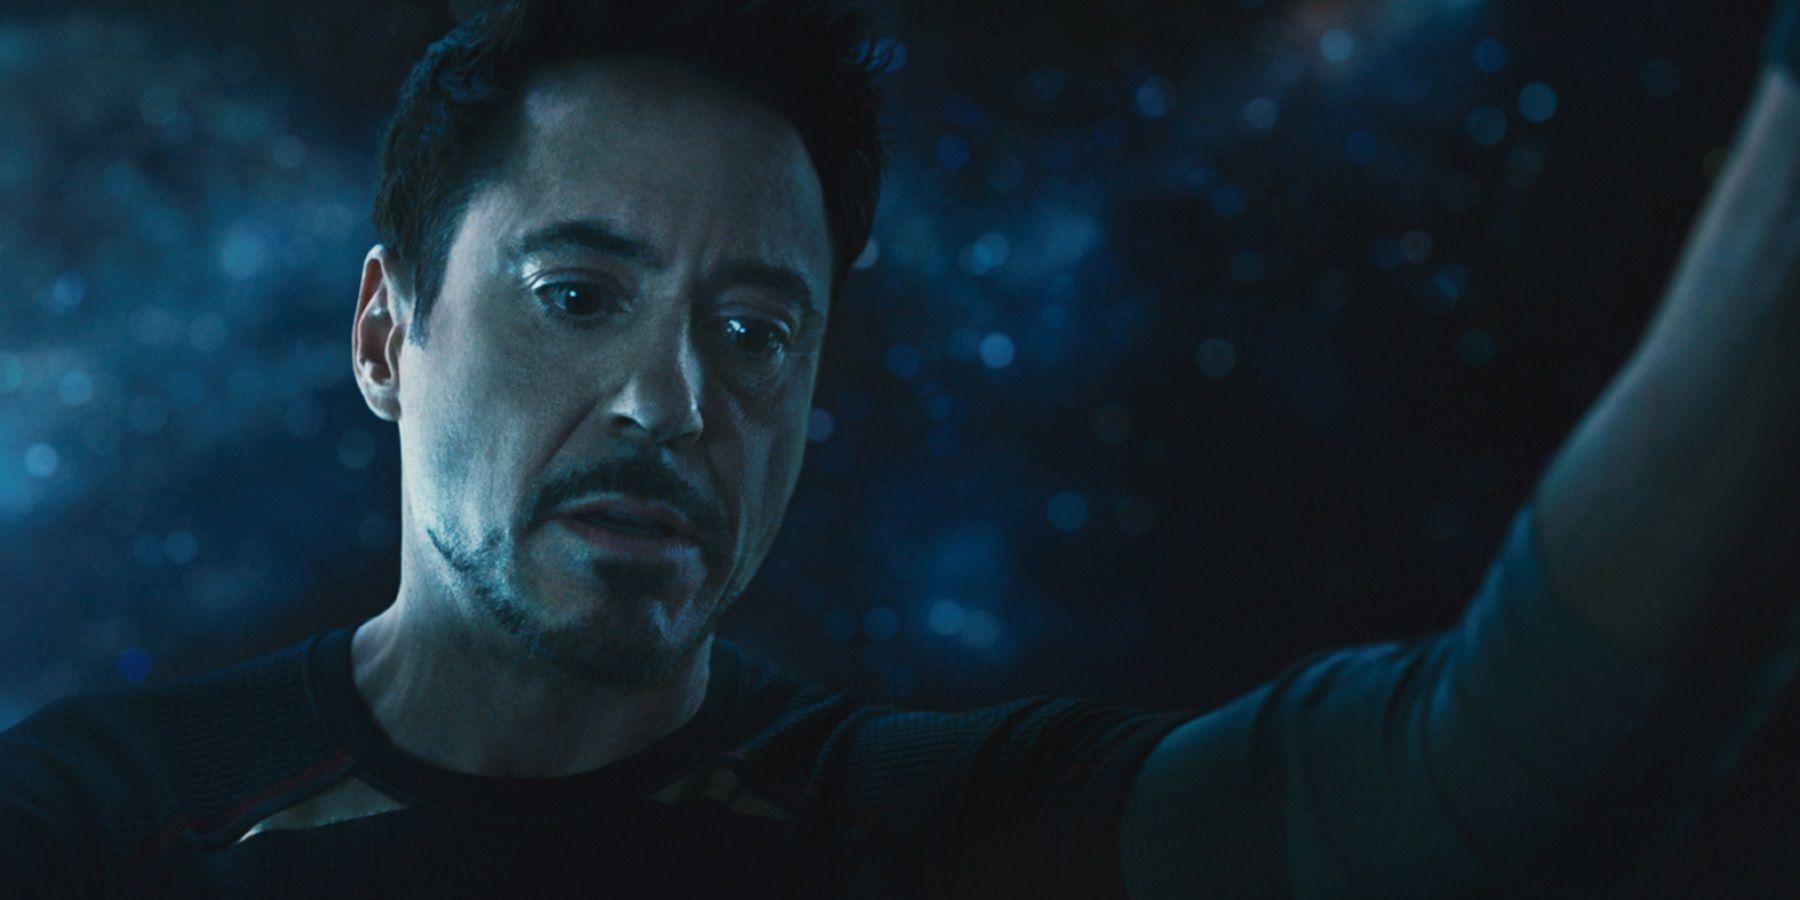 Elizabeth Olsen: Age of Ultron Nightmares Aren't Foreshadowing Infinity War